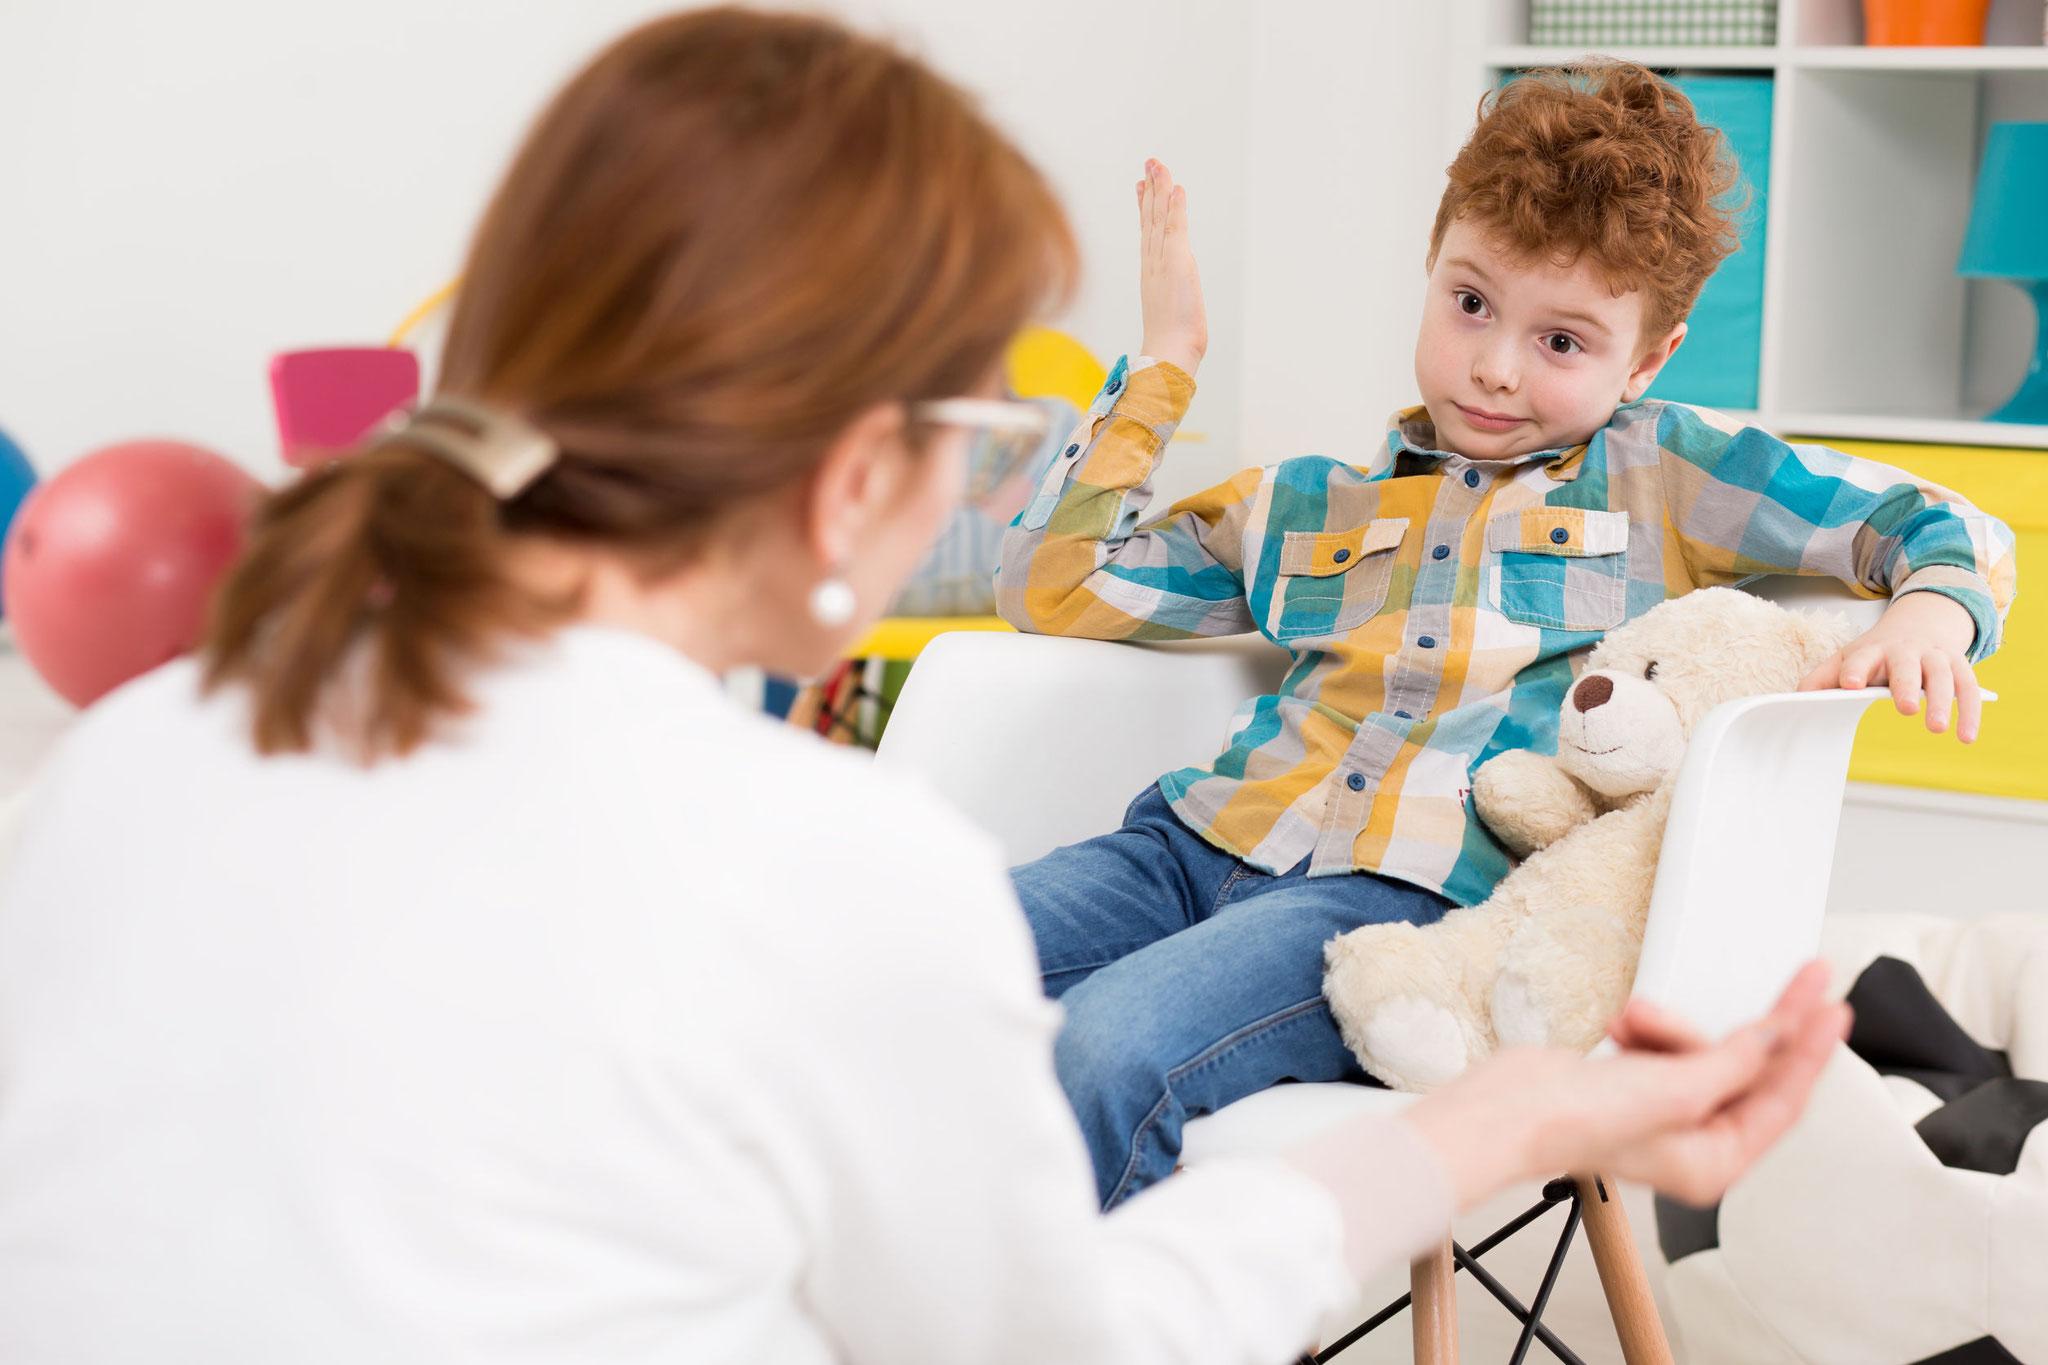 Wie verhält sich Ihr Kind?